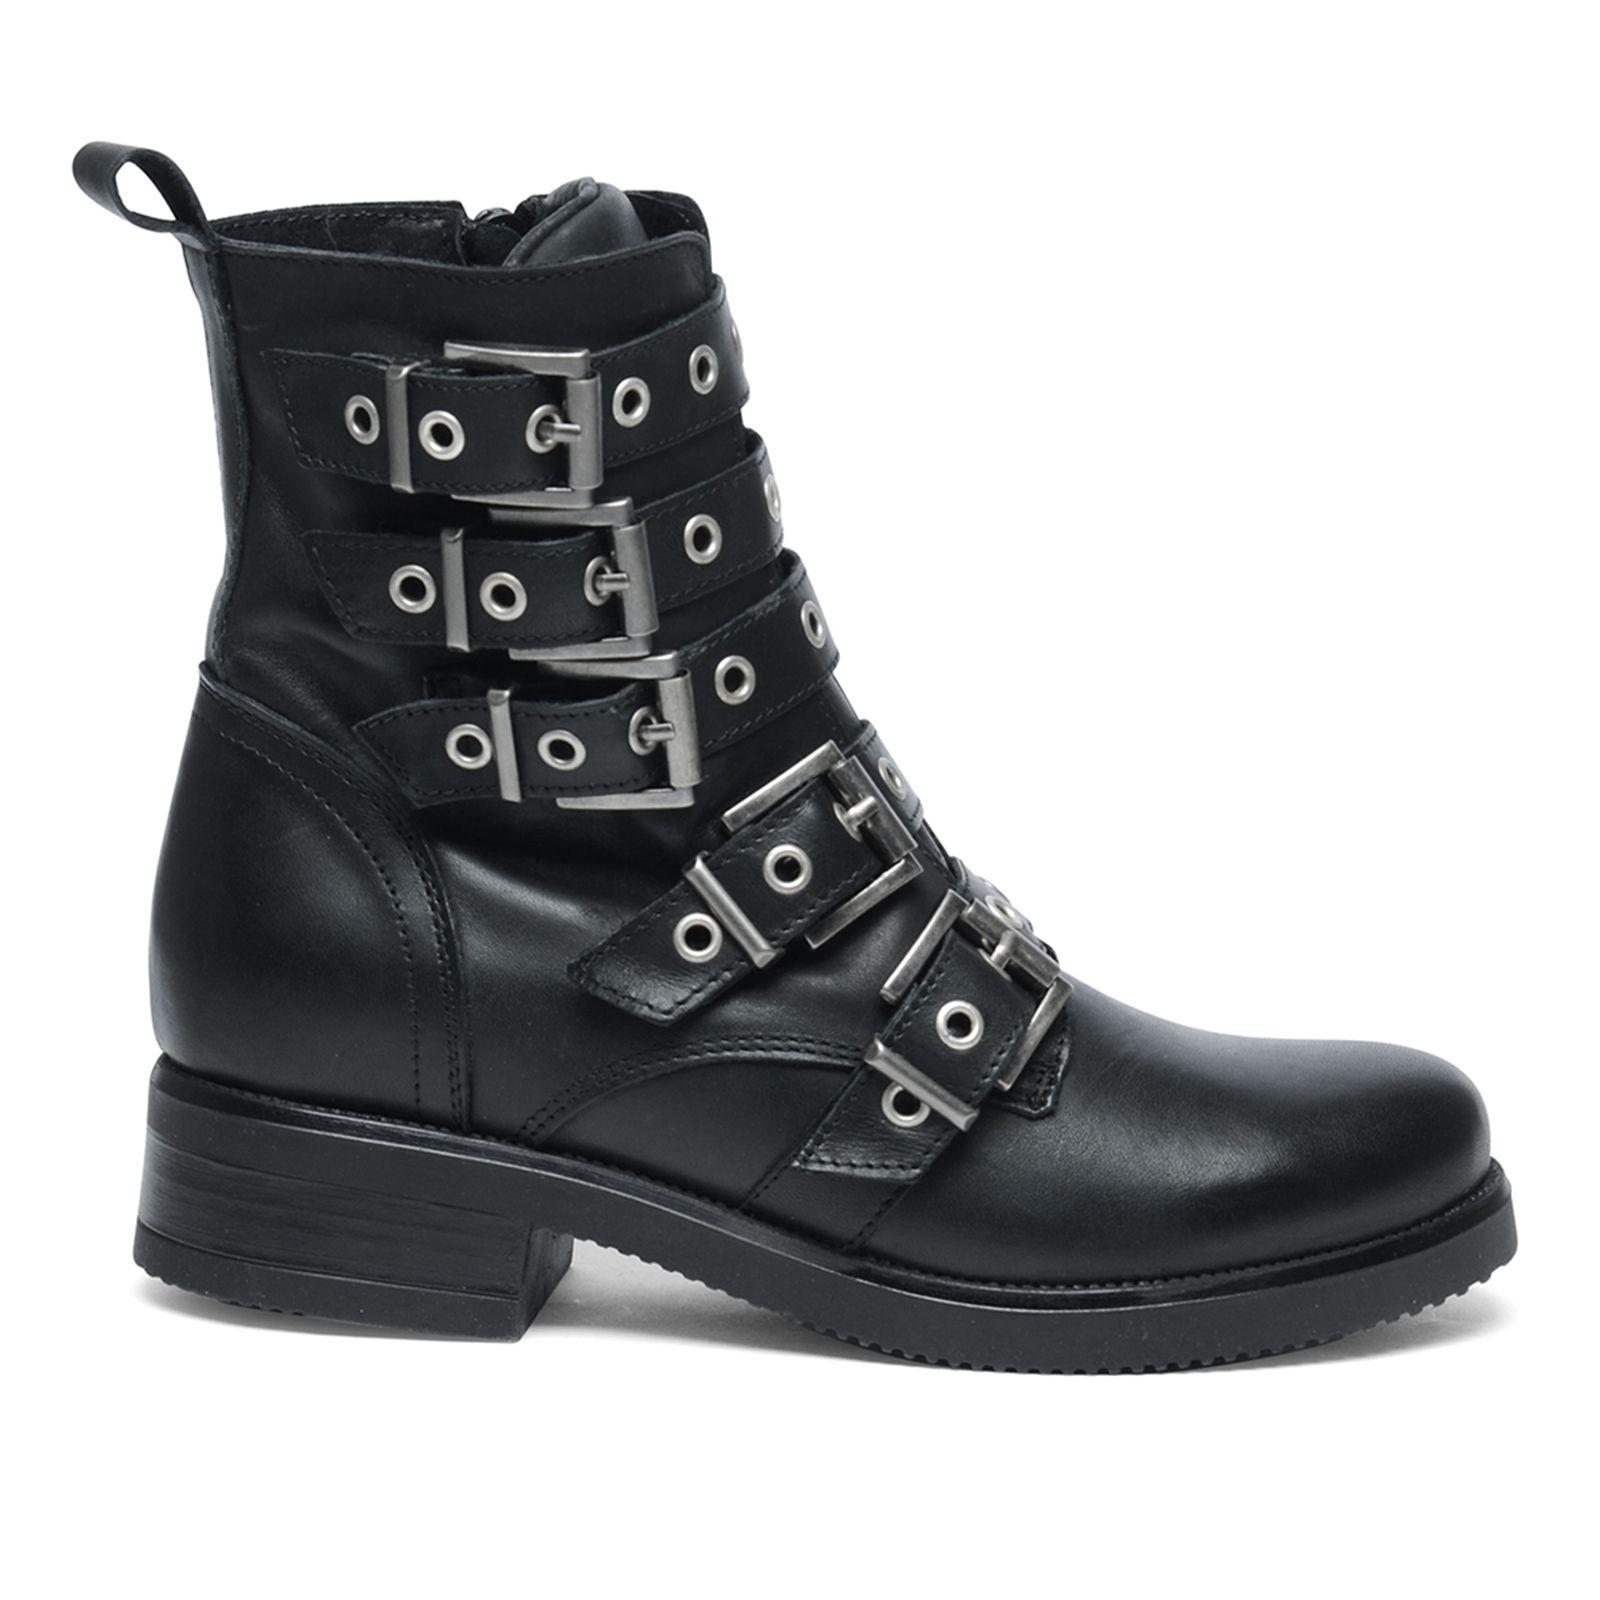 My Bottes motardes noiresOh 2019Bottes Shoesen 67bygYfv